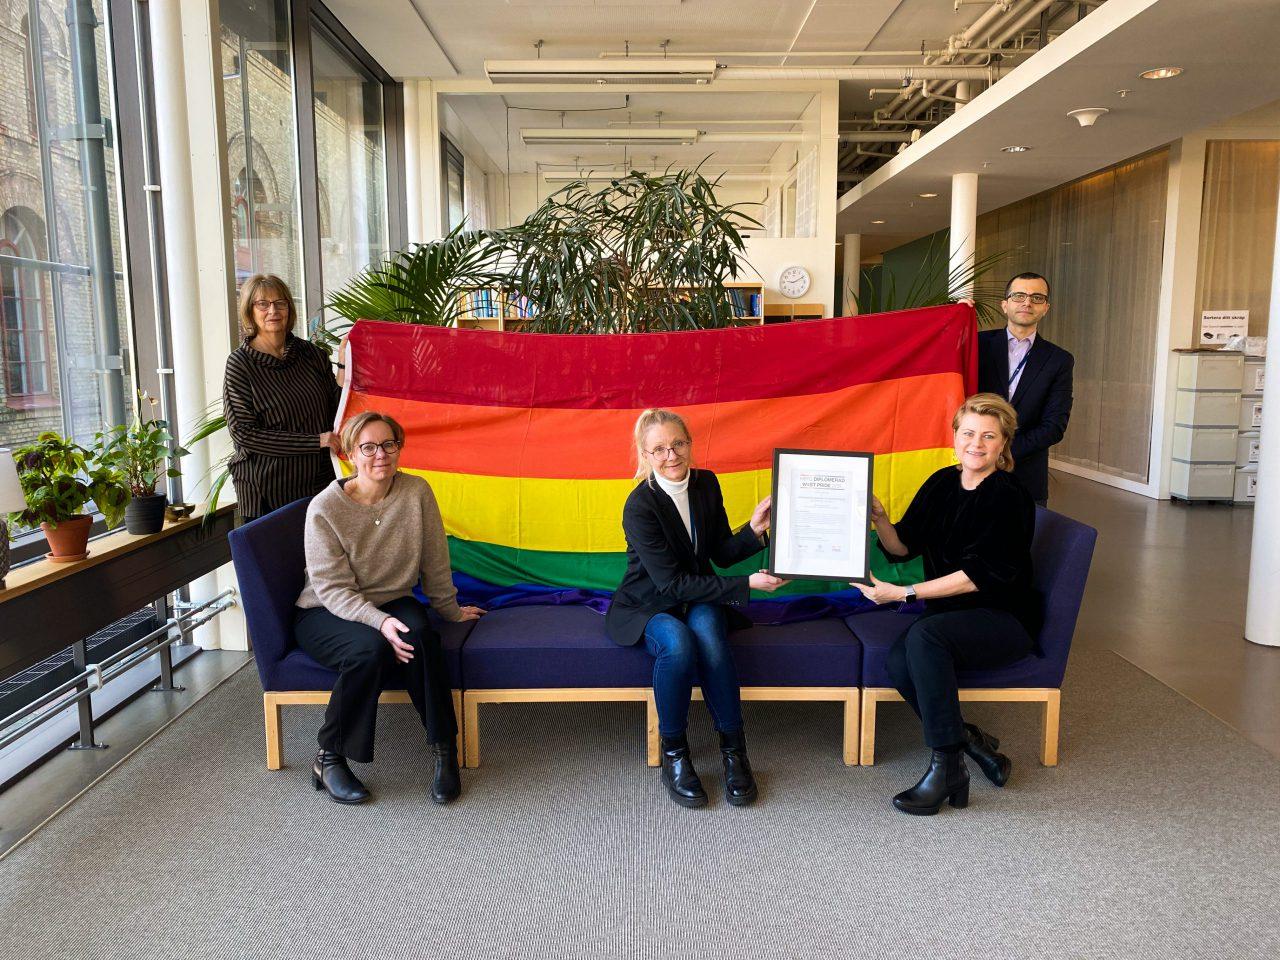 två personer håller upp en regnbågsflagga. tre personer sitter framför flaggan i en mörkblå soffa och visar upp ett HBTQ-diplom